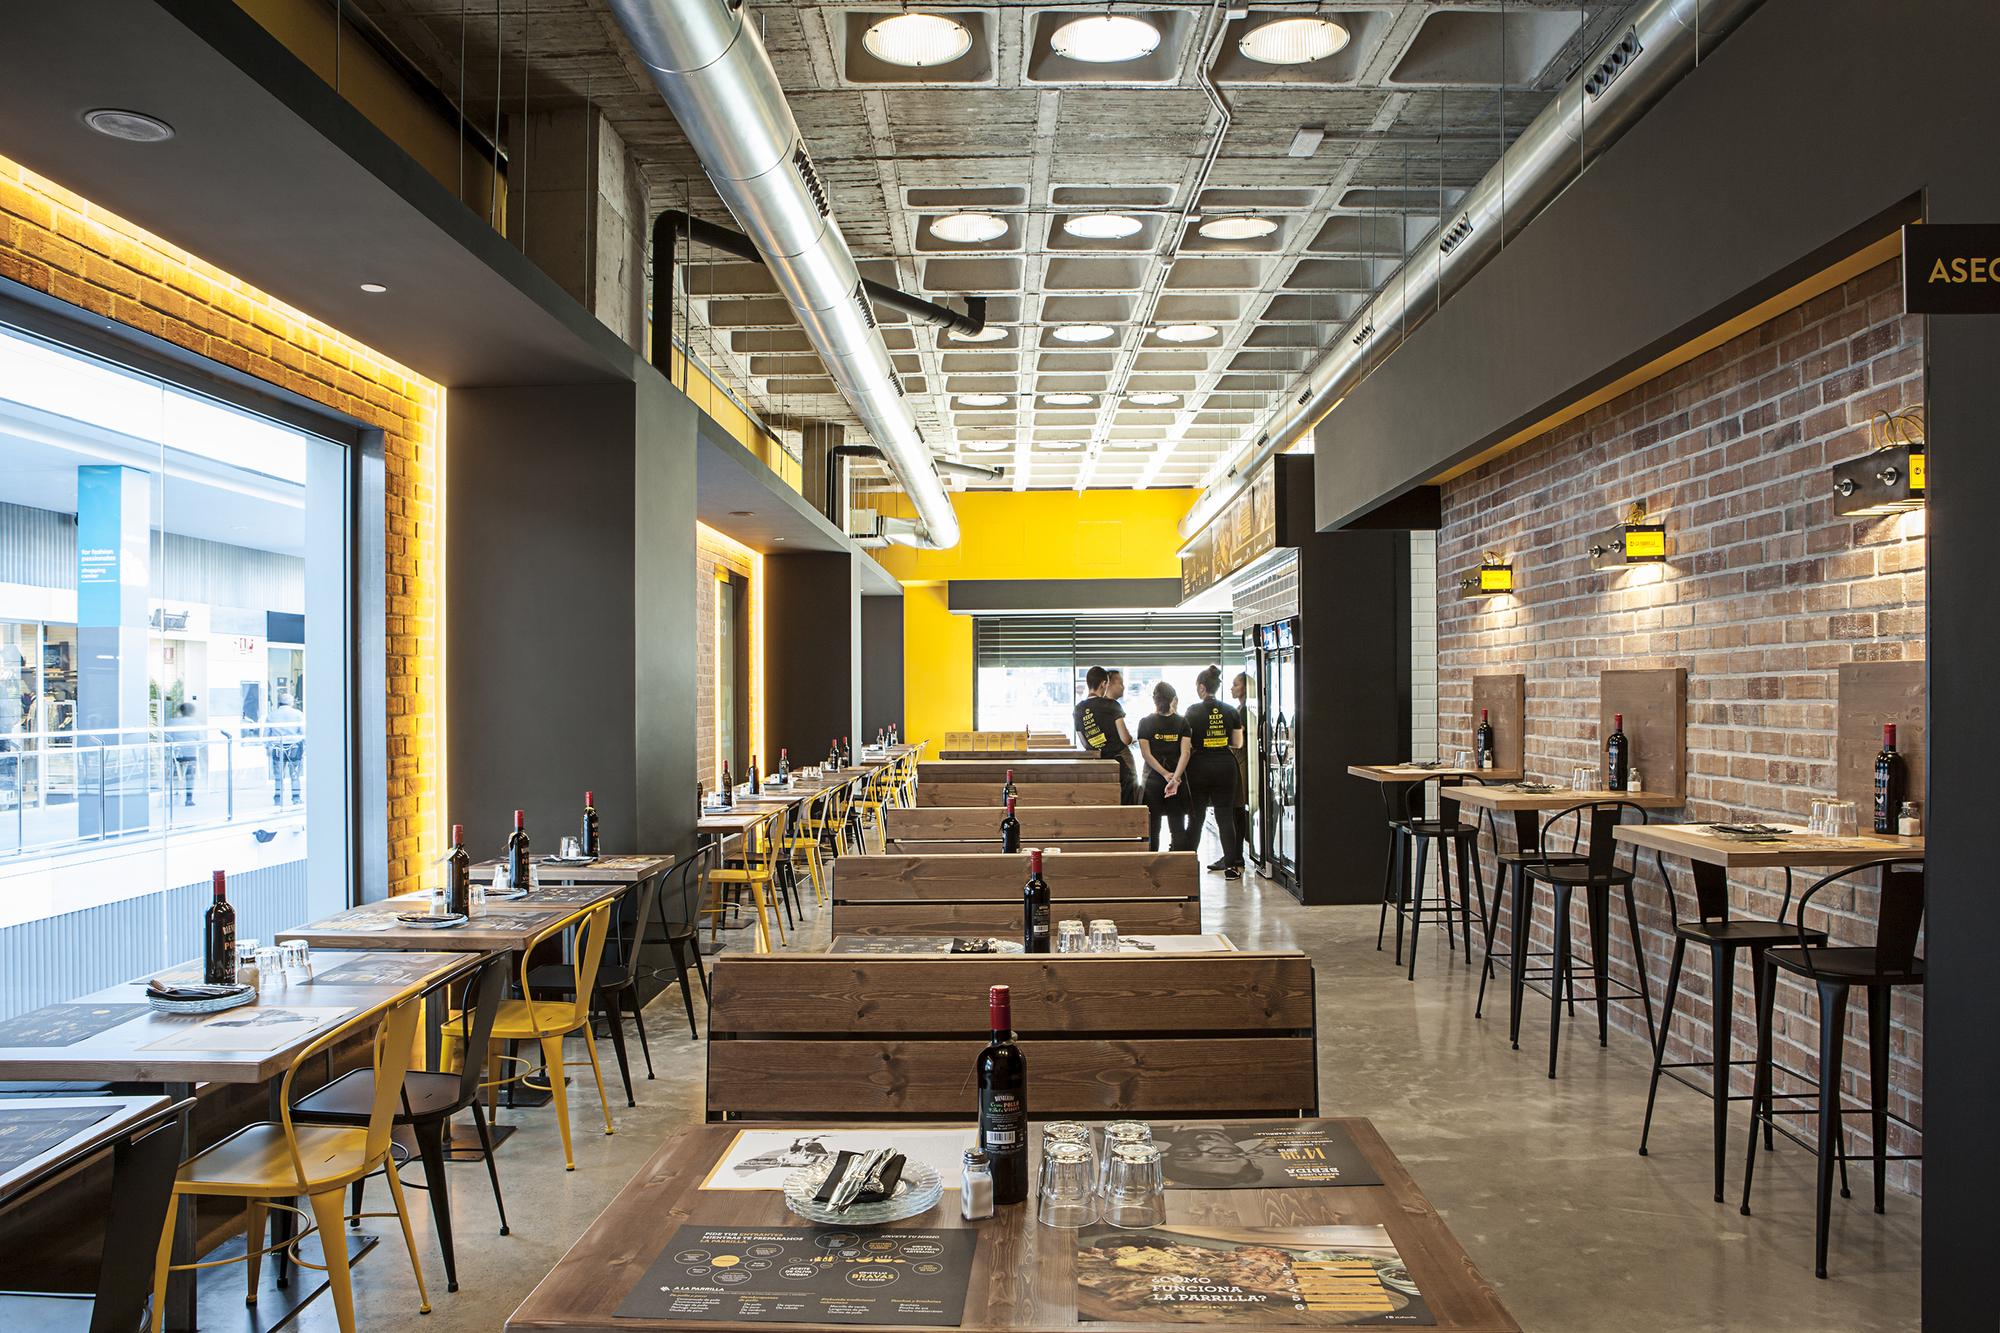 Restaurante la parrilla barea partners archdaily m xico for Restaurante arquitectura